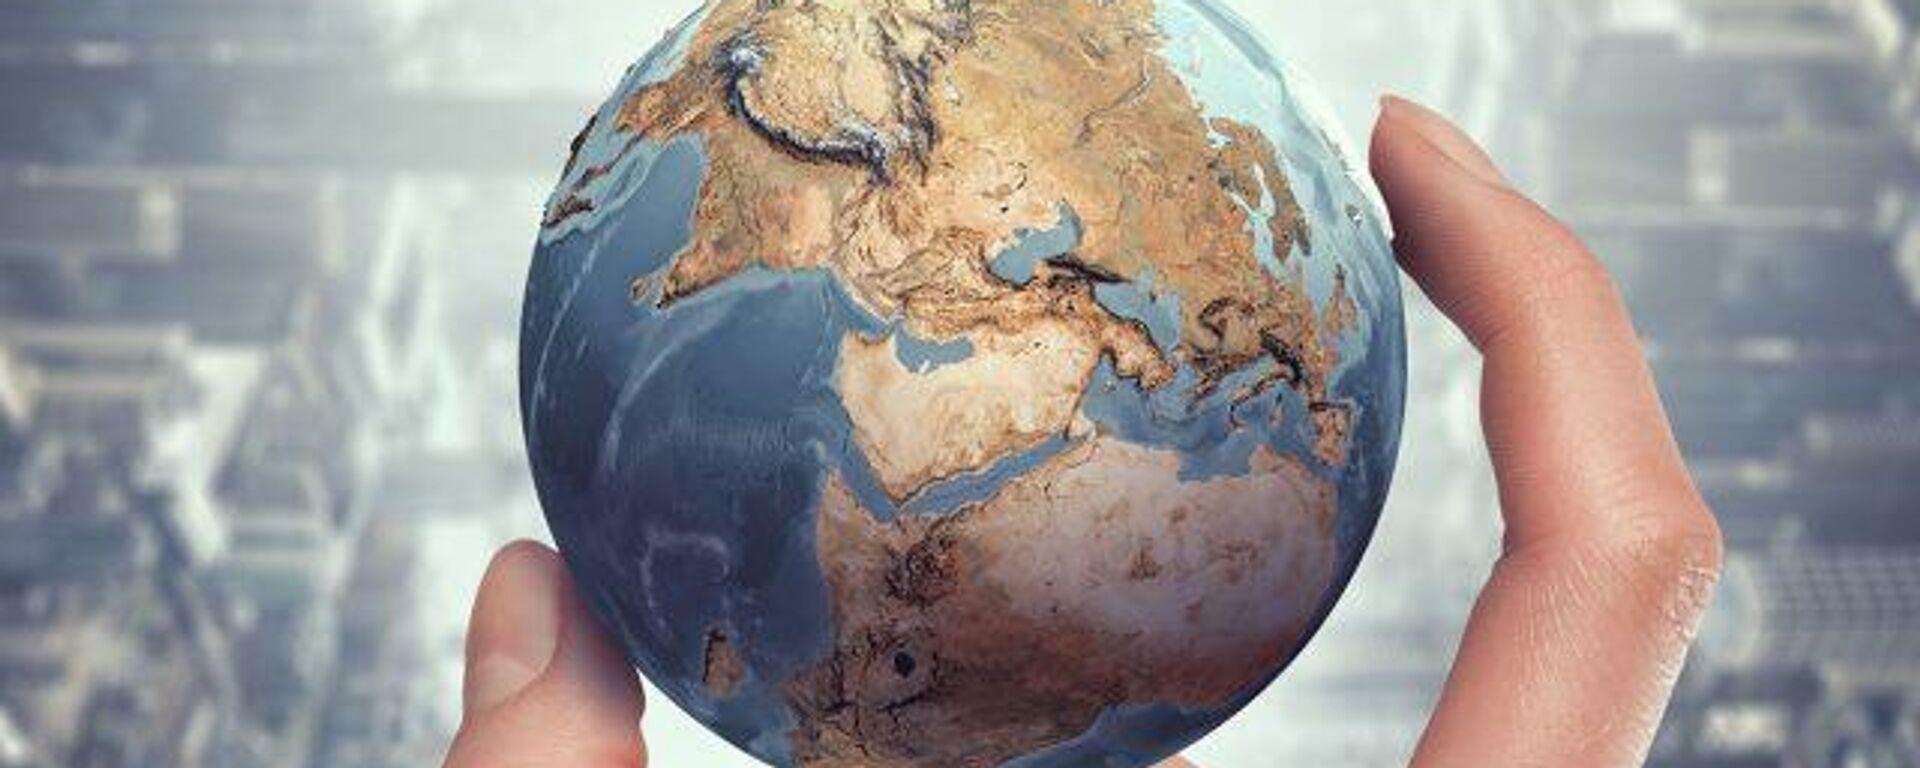 Chile: histórica elección para cambiar la Constitución y nuevo fracaso de Piñera - Sputnik Mundo, 1920, 17.05.2021